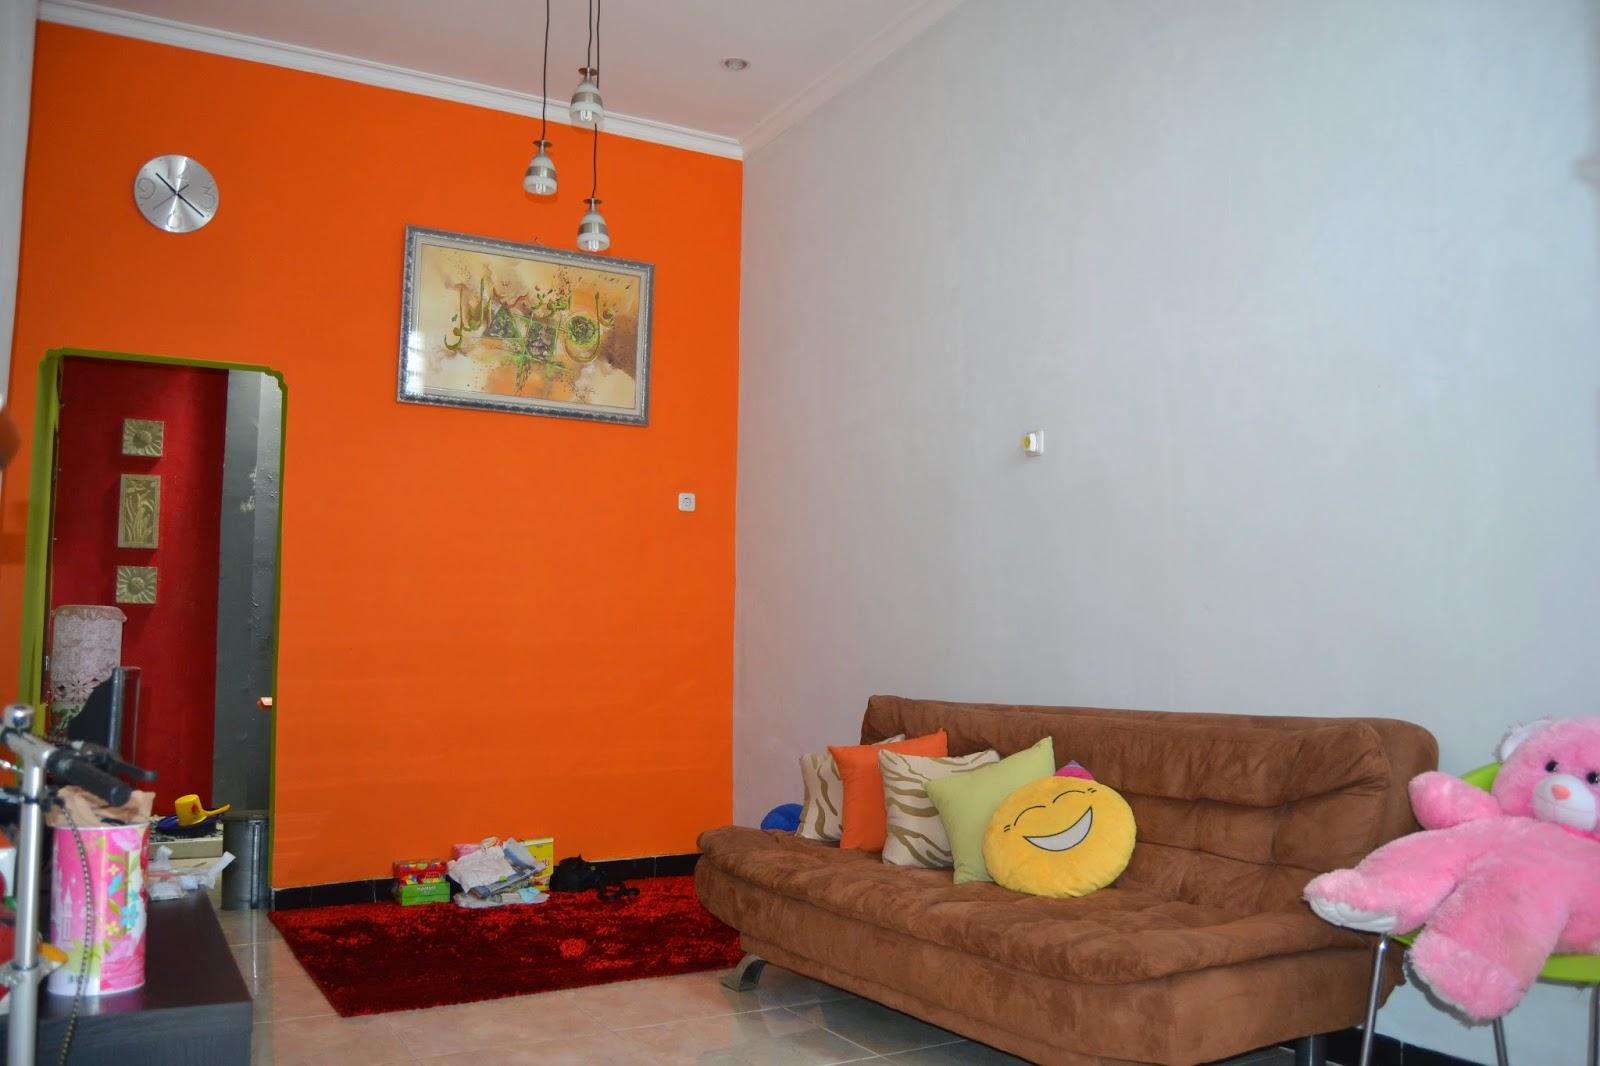 Rumah disewakan di Gintung Tanjung Barat Jakarta Selatan 2 - Hub Asdianawaty 081314851327